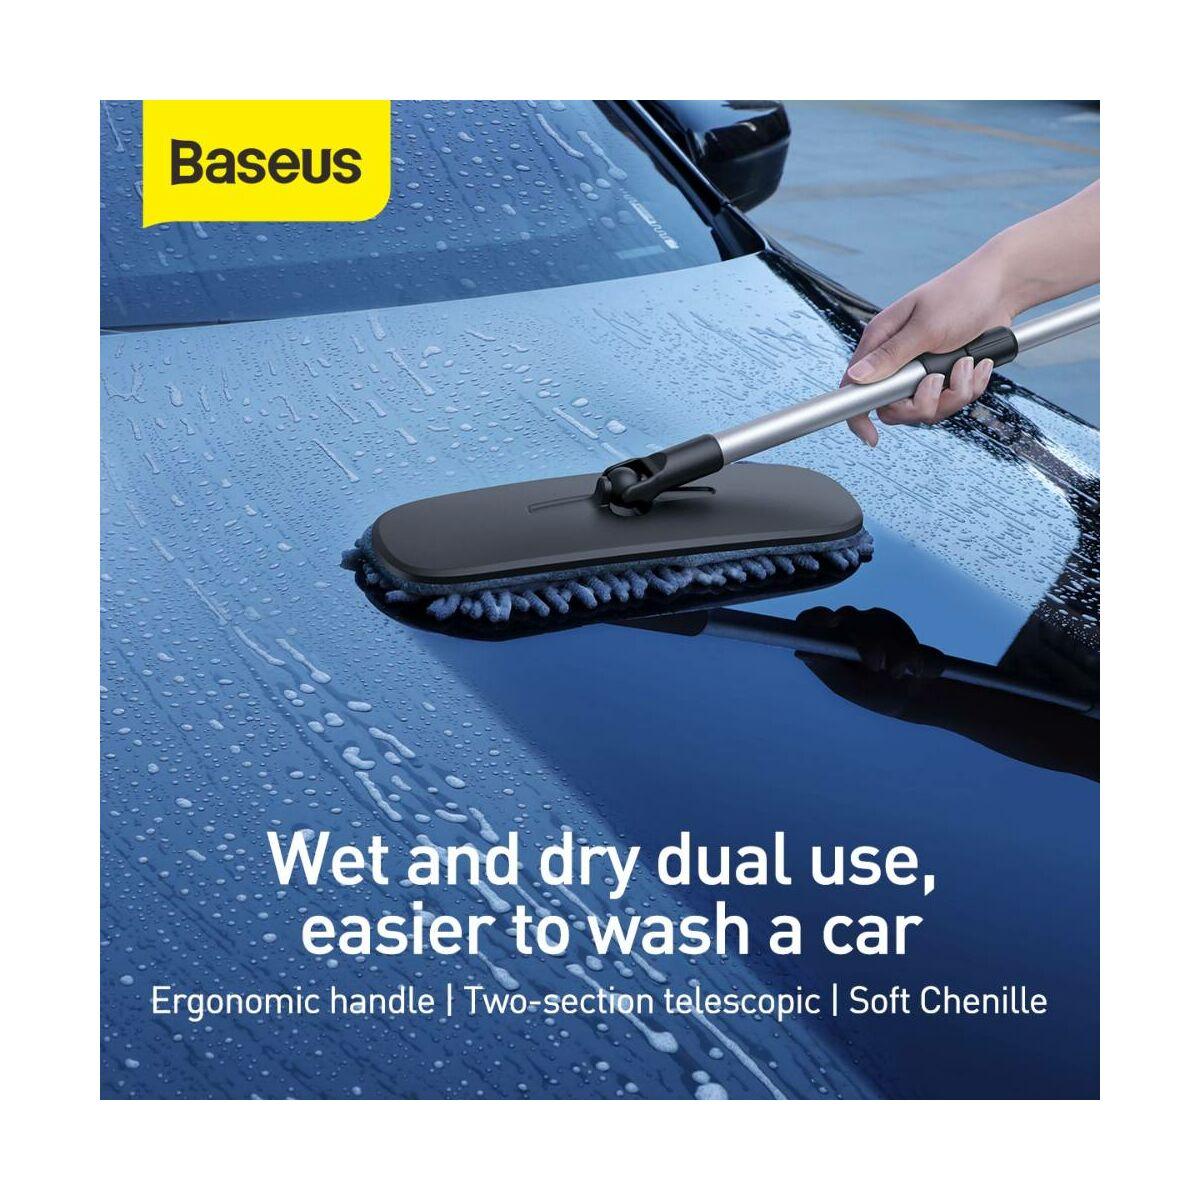 Baseus autós kiegészítő, Handy Car Home mosó/tisztító nyél mozgatható fejjel, fekete (CRTB-01)